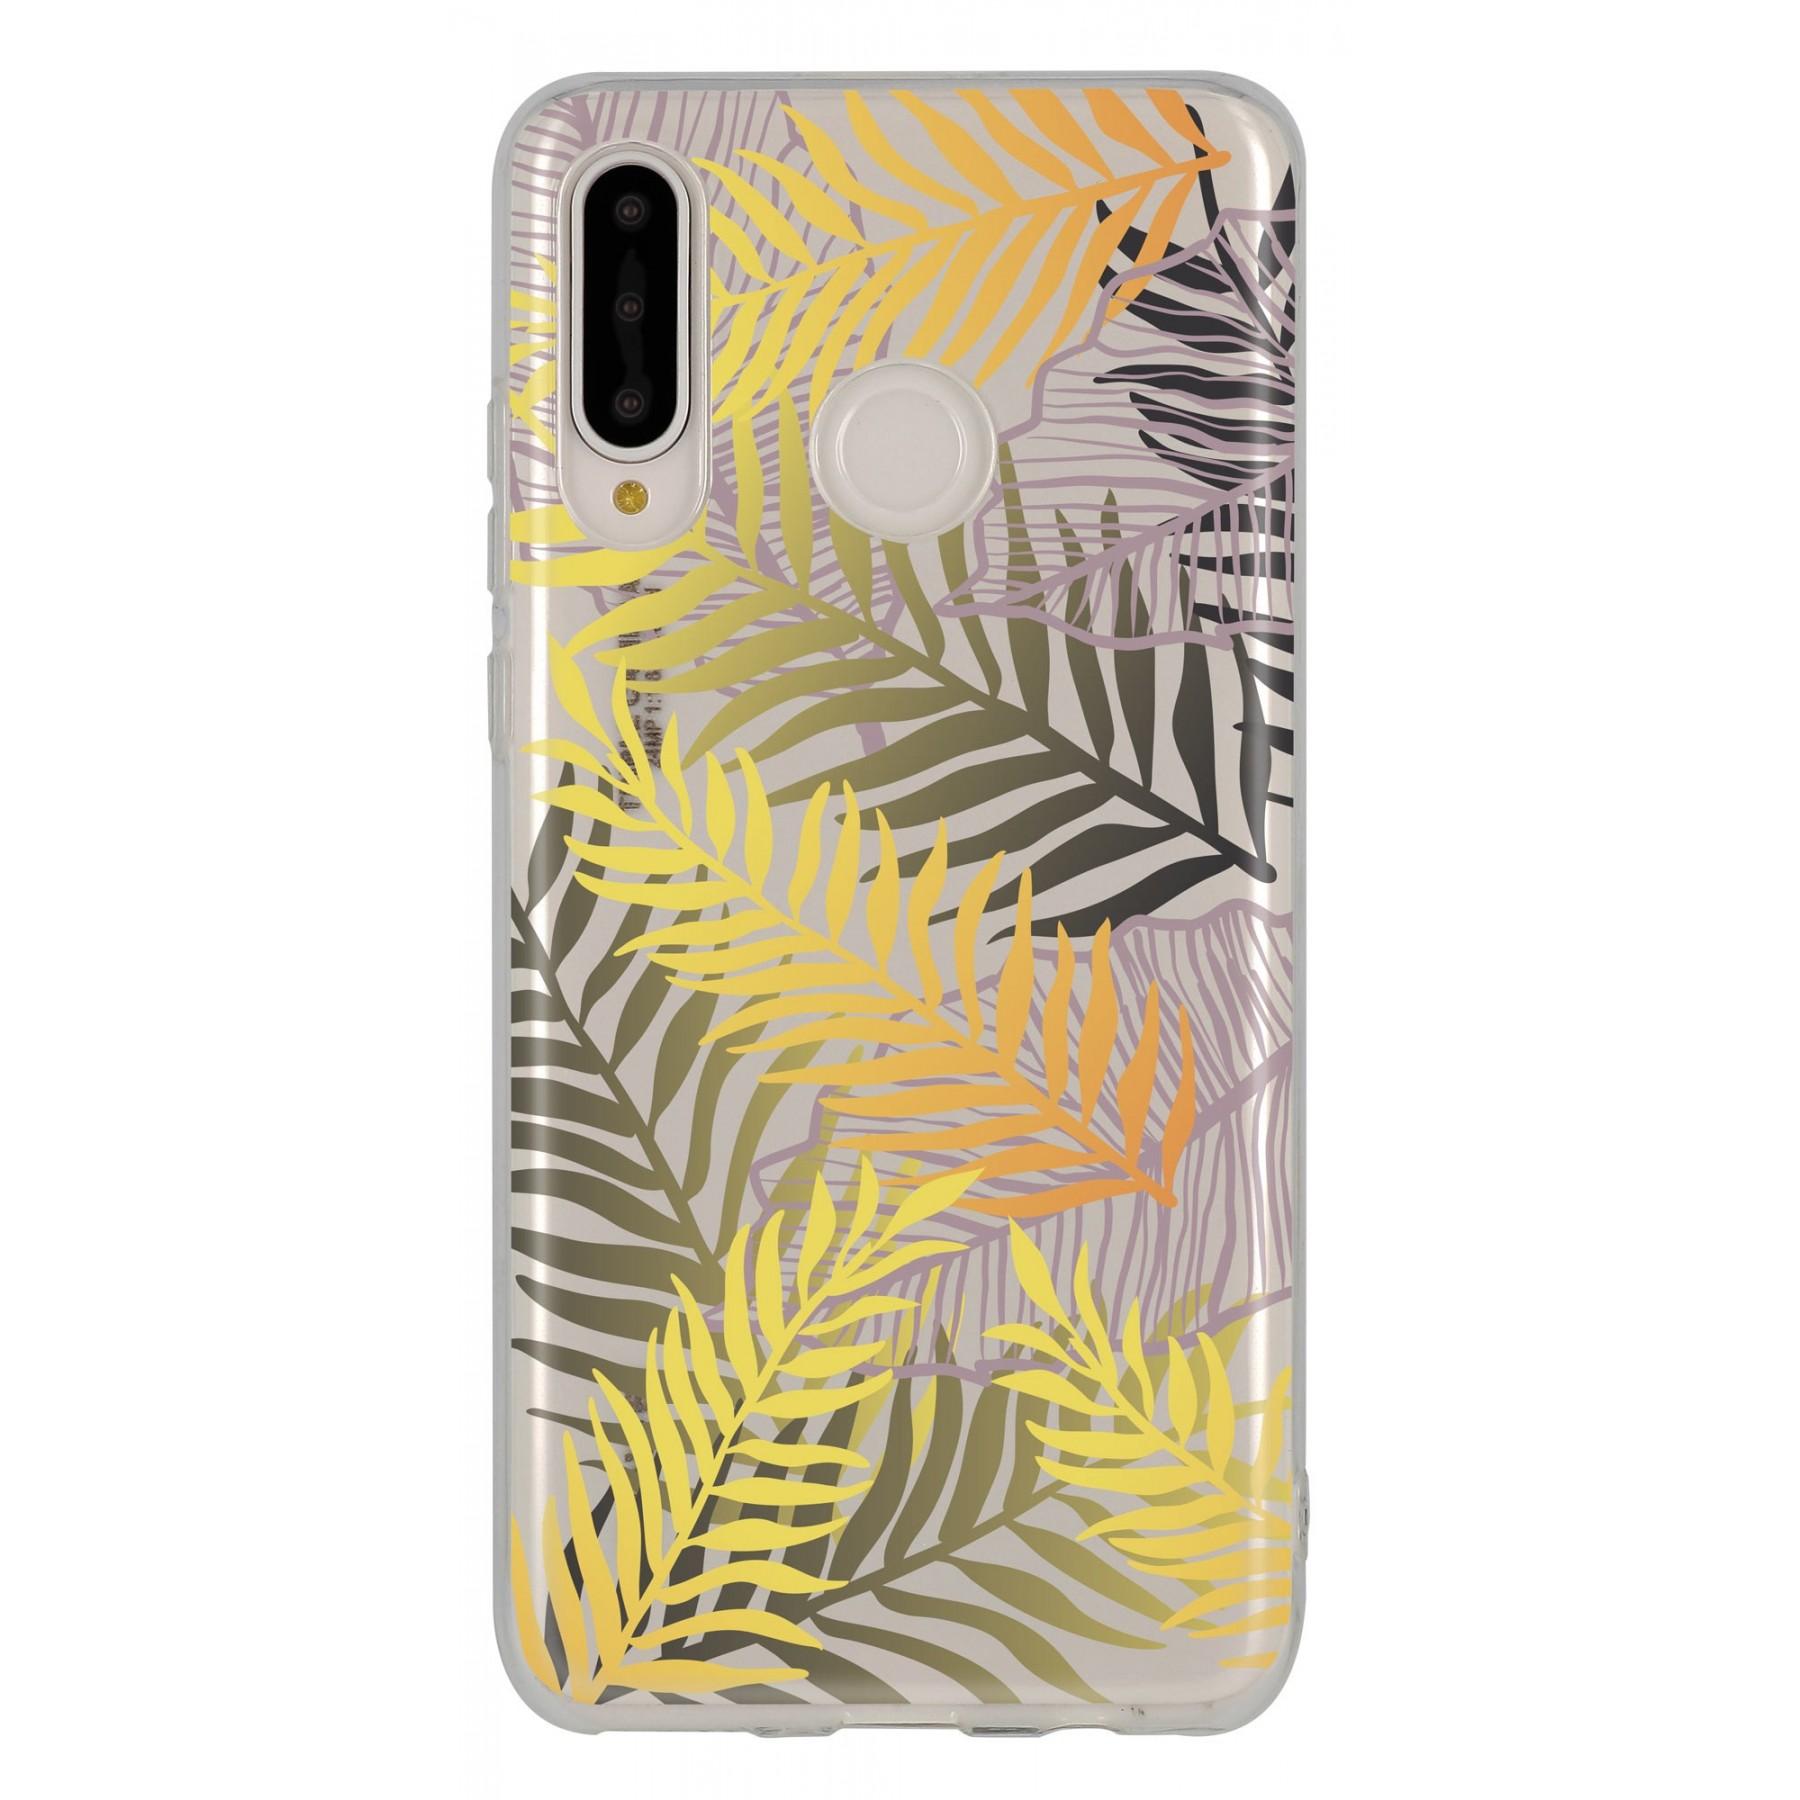 Coque feuille de palmier pour Huawei P30 lite